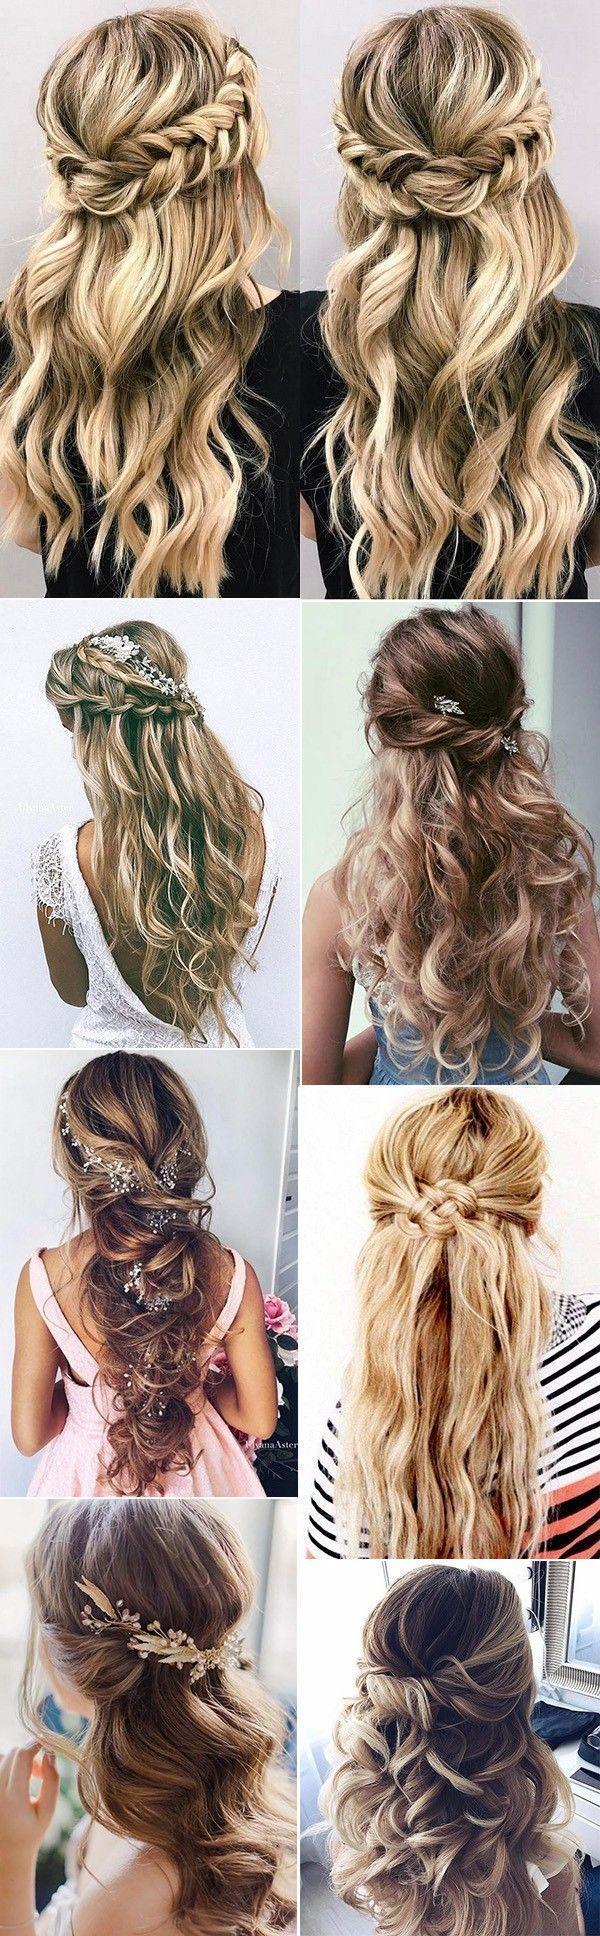 15 Chic Half Up Half Down Hochzeitsfrisuren für langes Haar – #hochzeitsfrisure…